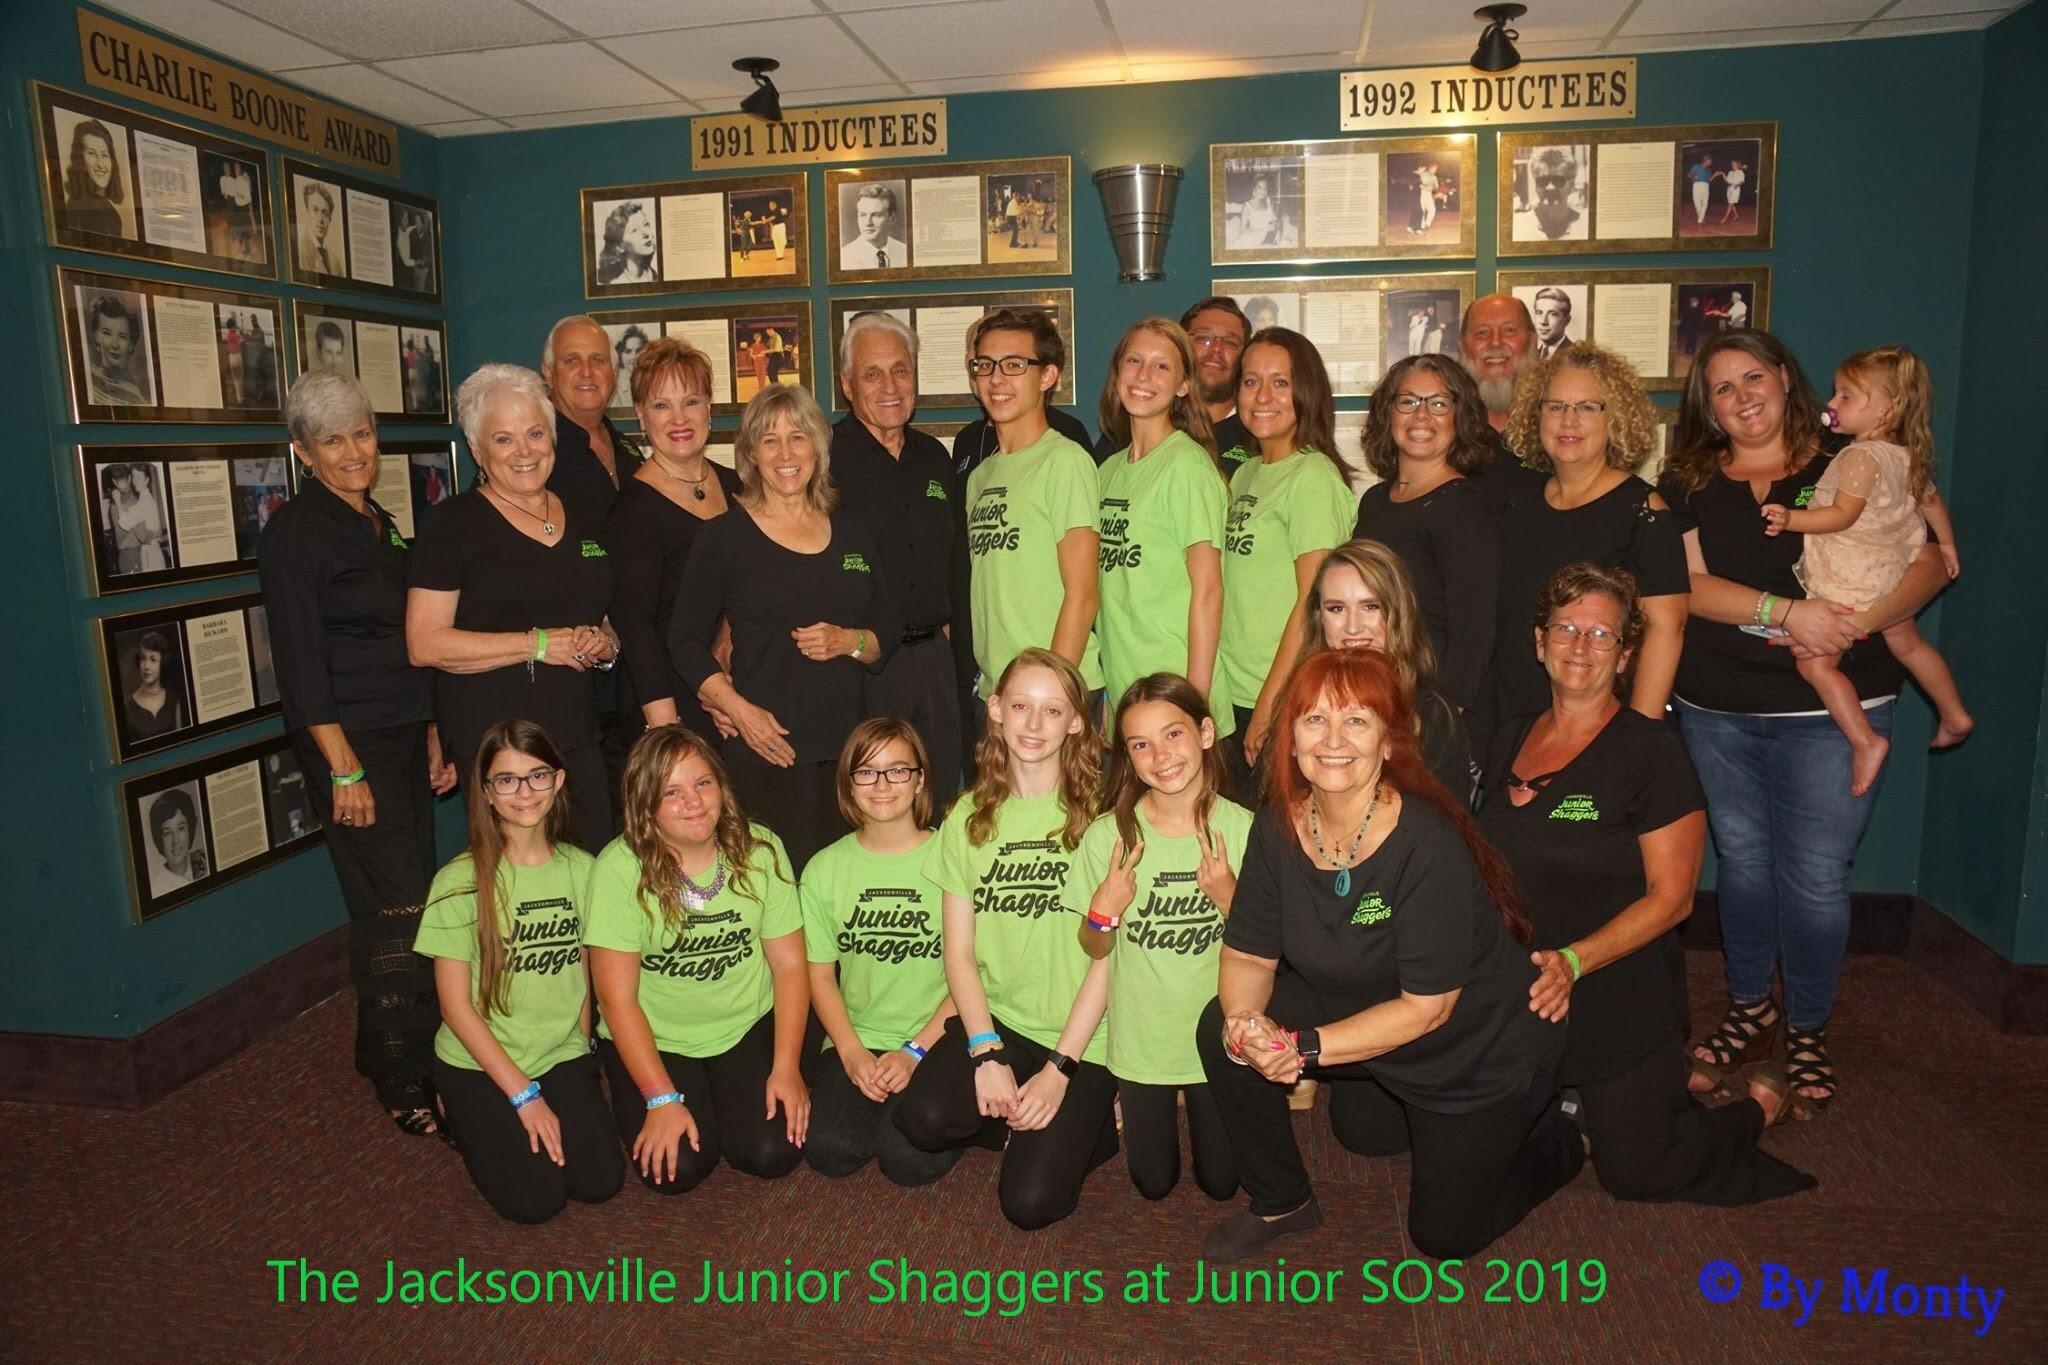 Group Pic Jax Jr Shaggers at Jr SOS with subtitle.jpg